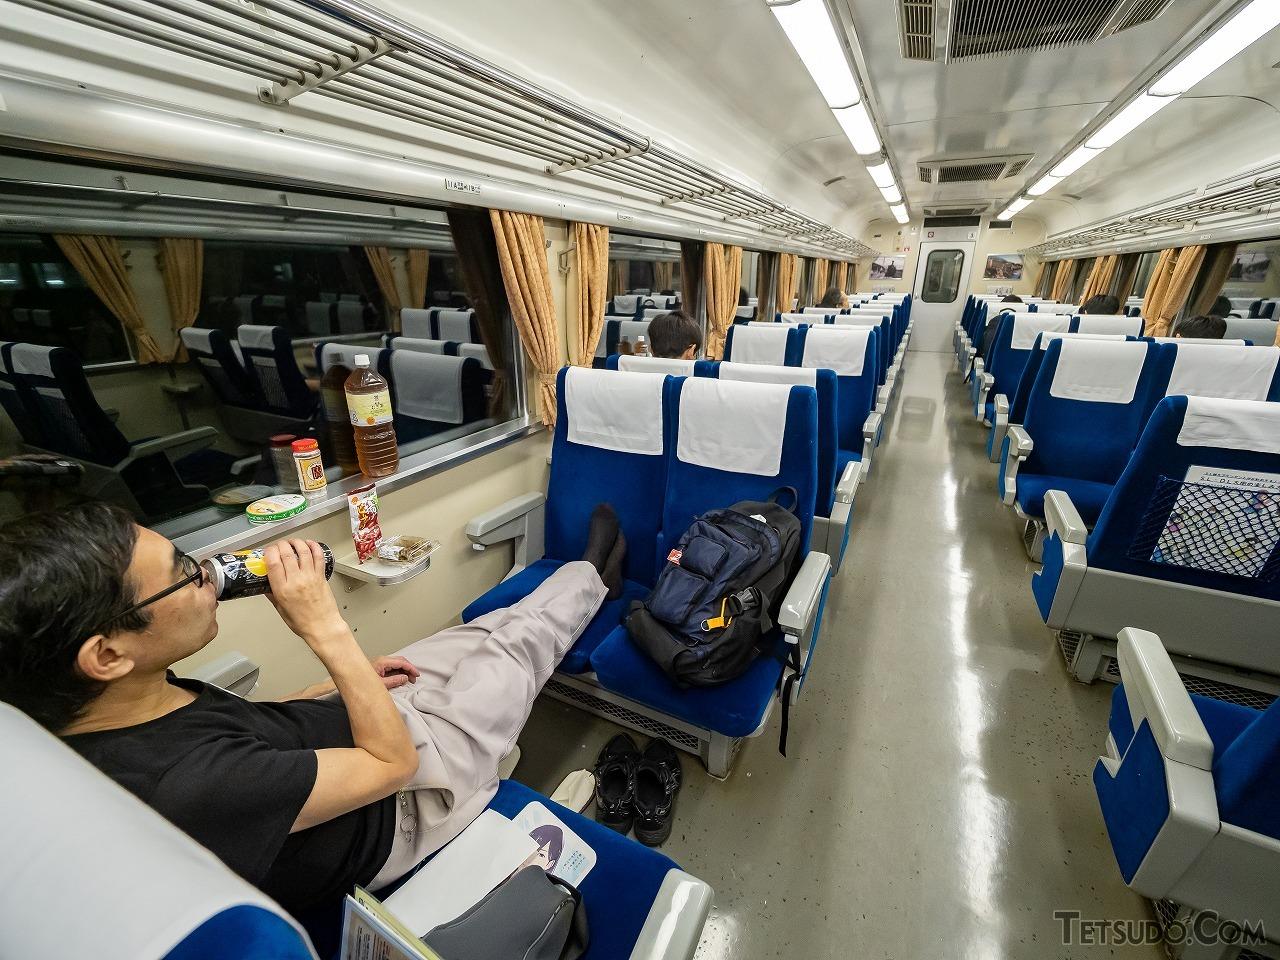 国鉄時代の夜行急行列車といえばこの光景。横浜から来たというレールファンの男性は、事前にチューハイや焼酎、チーズなどを買い込み、夜行列車の旅を満喫していました